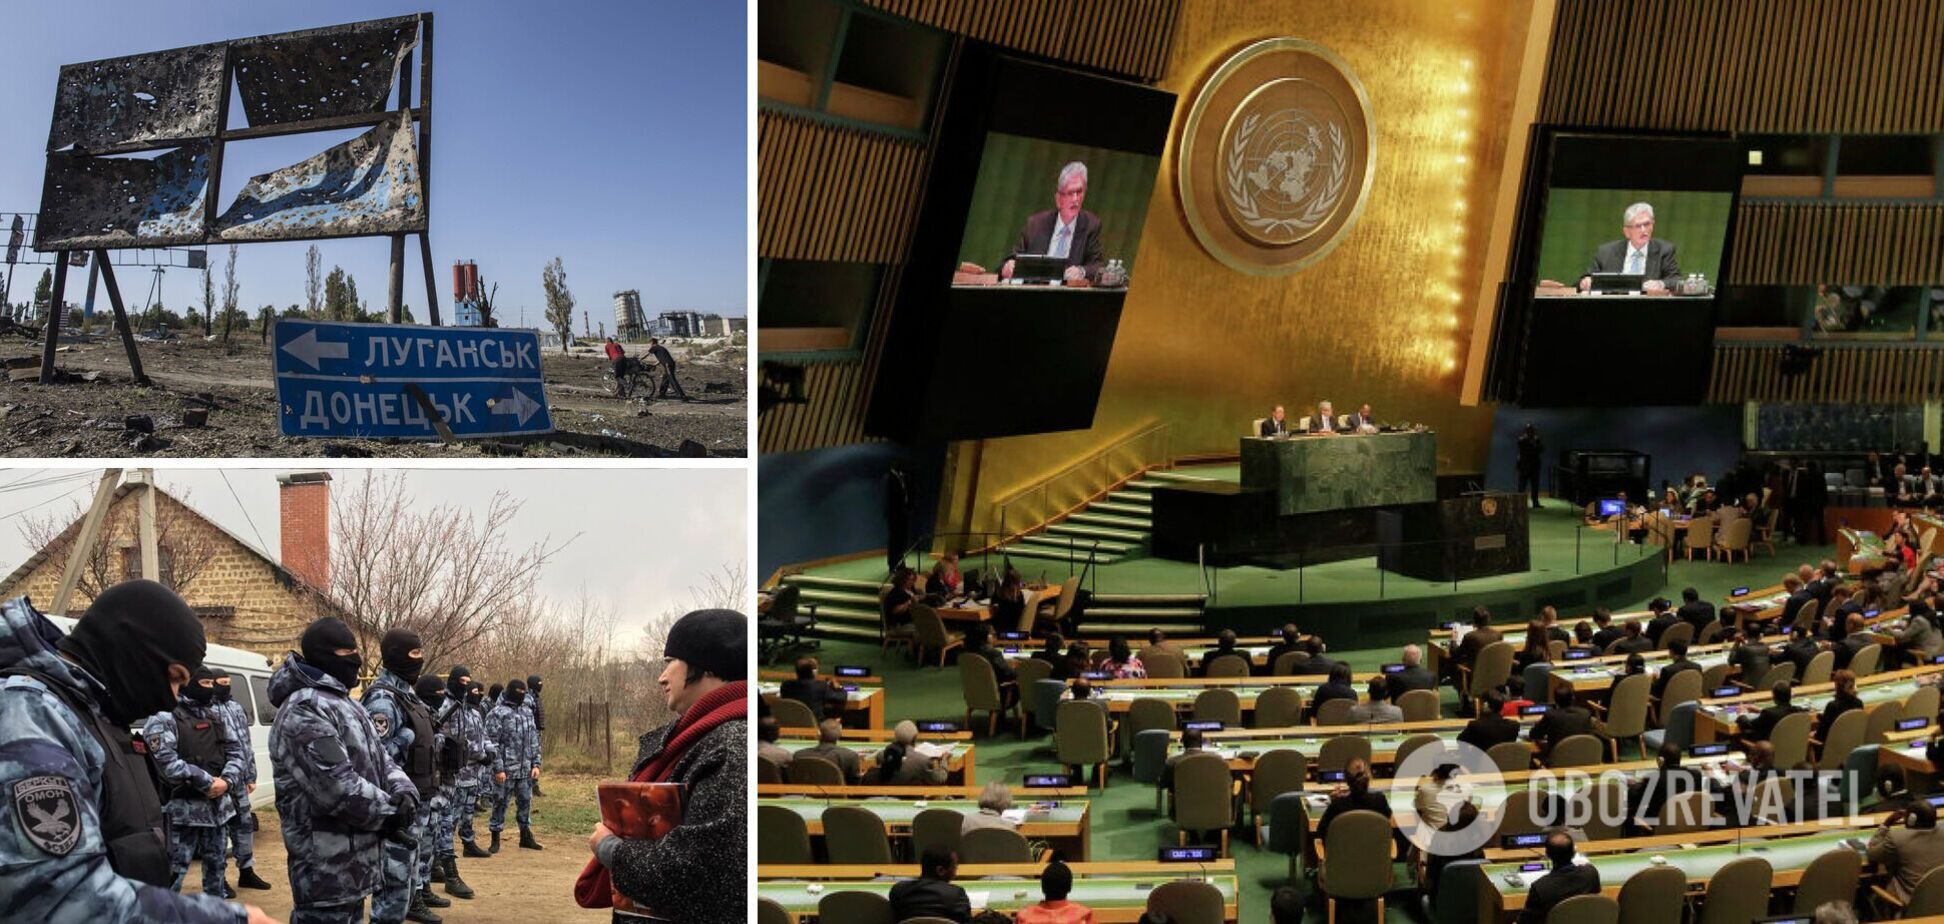 Україна скликала Генассамблею ООН через репресії в Криму і загострення на Донбасі: відеотрансляція